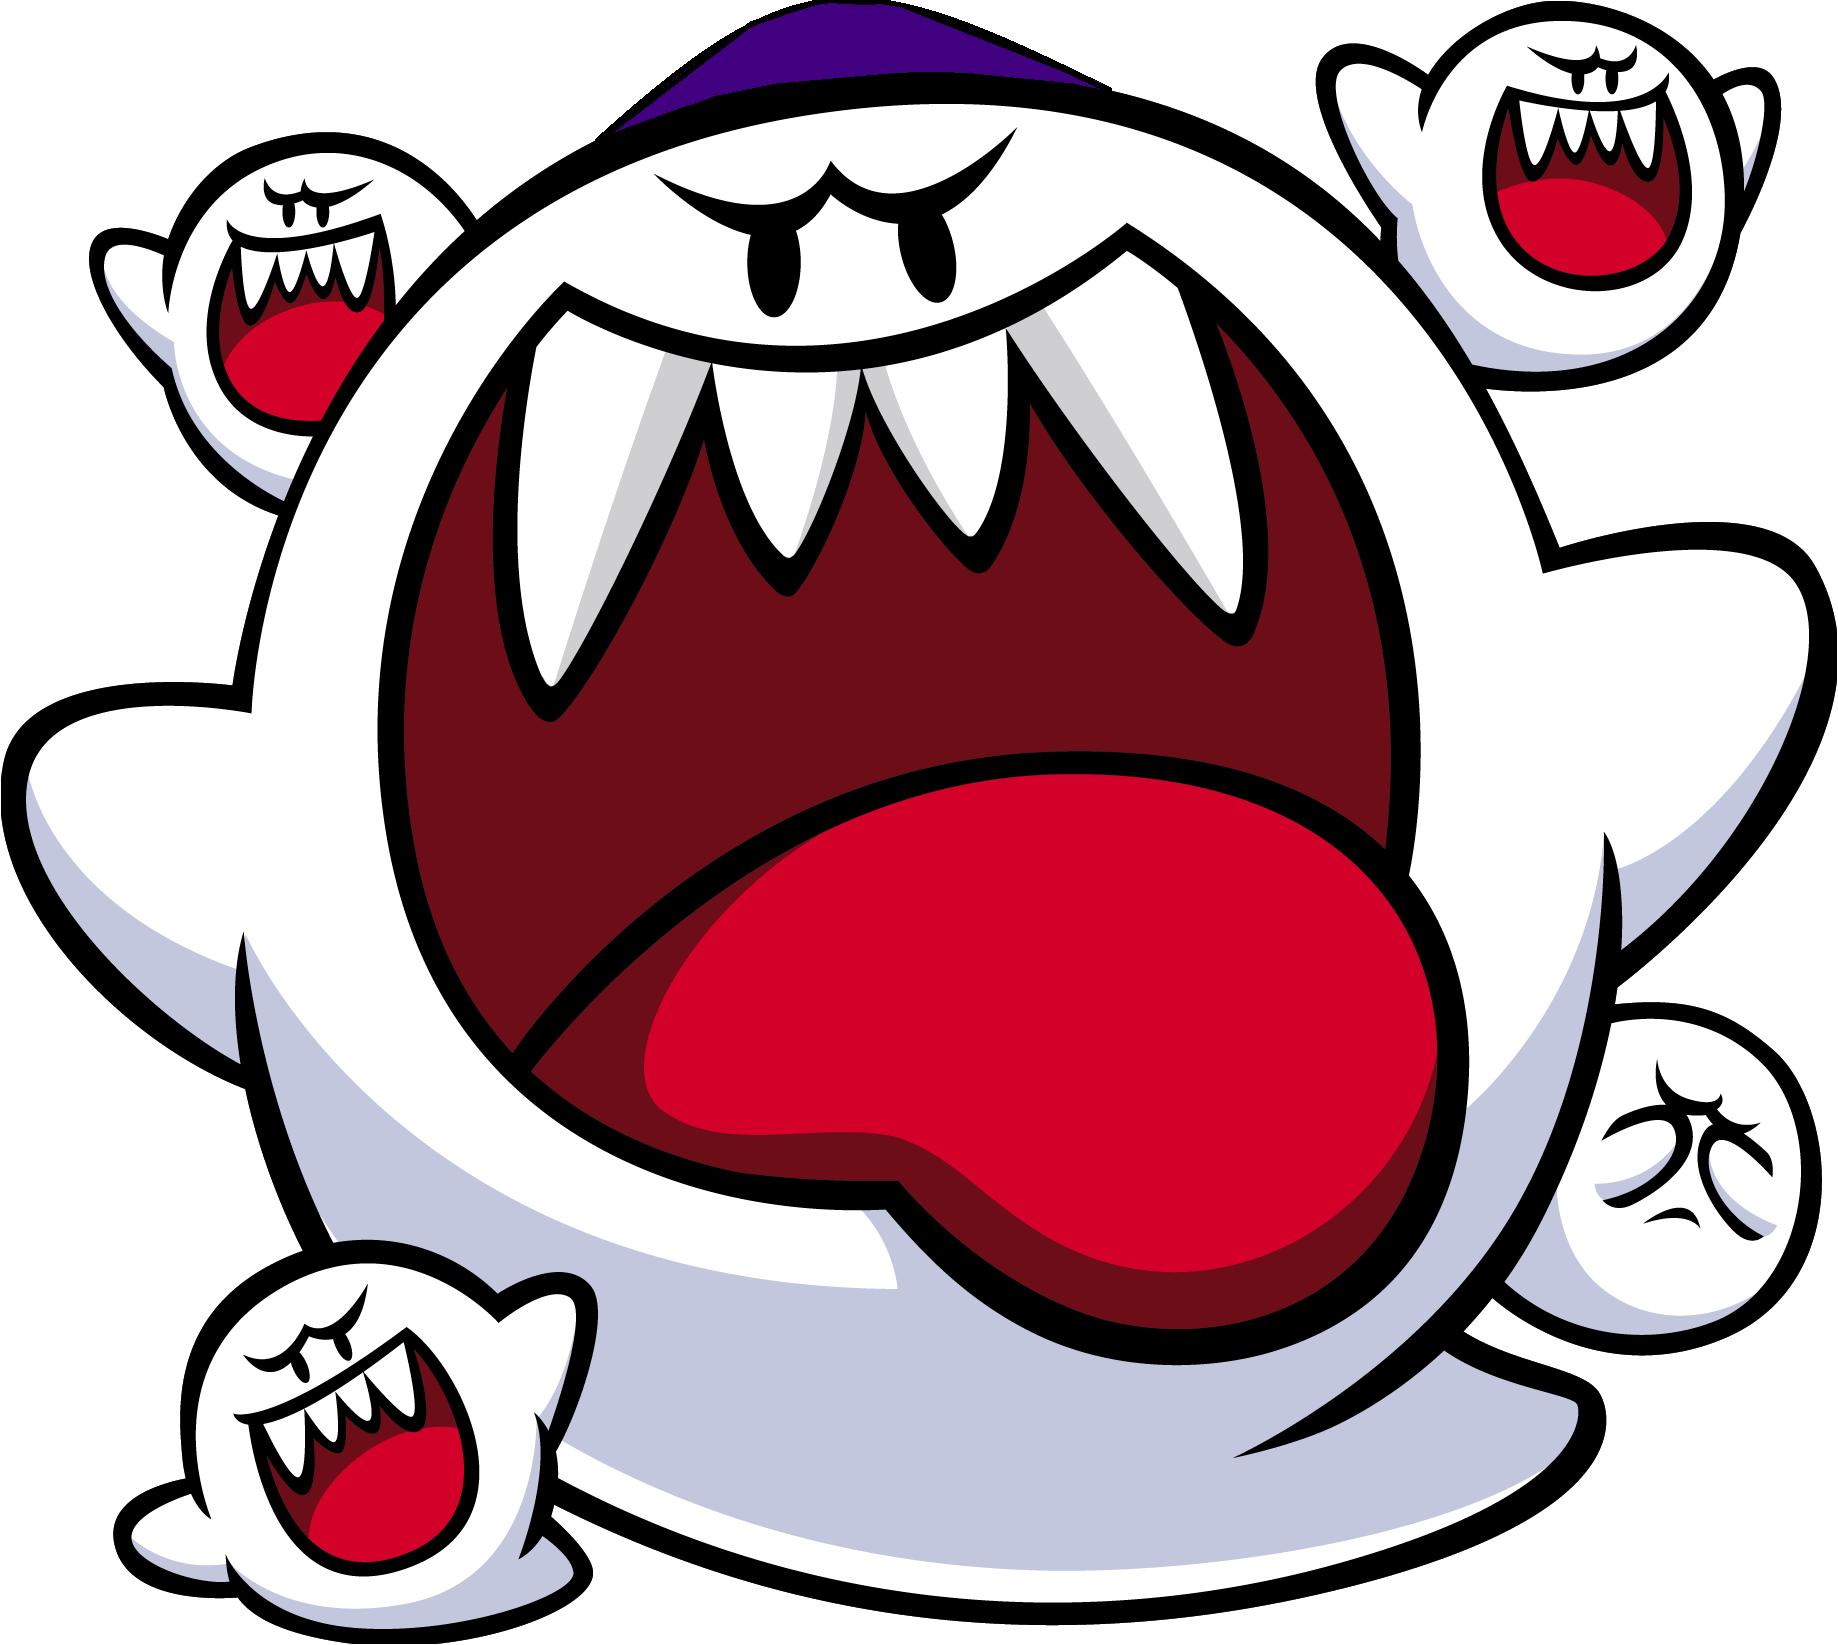 Image big boo artwork. Mario clipart mario ghost